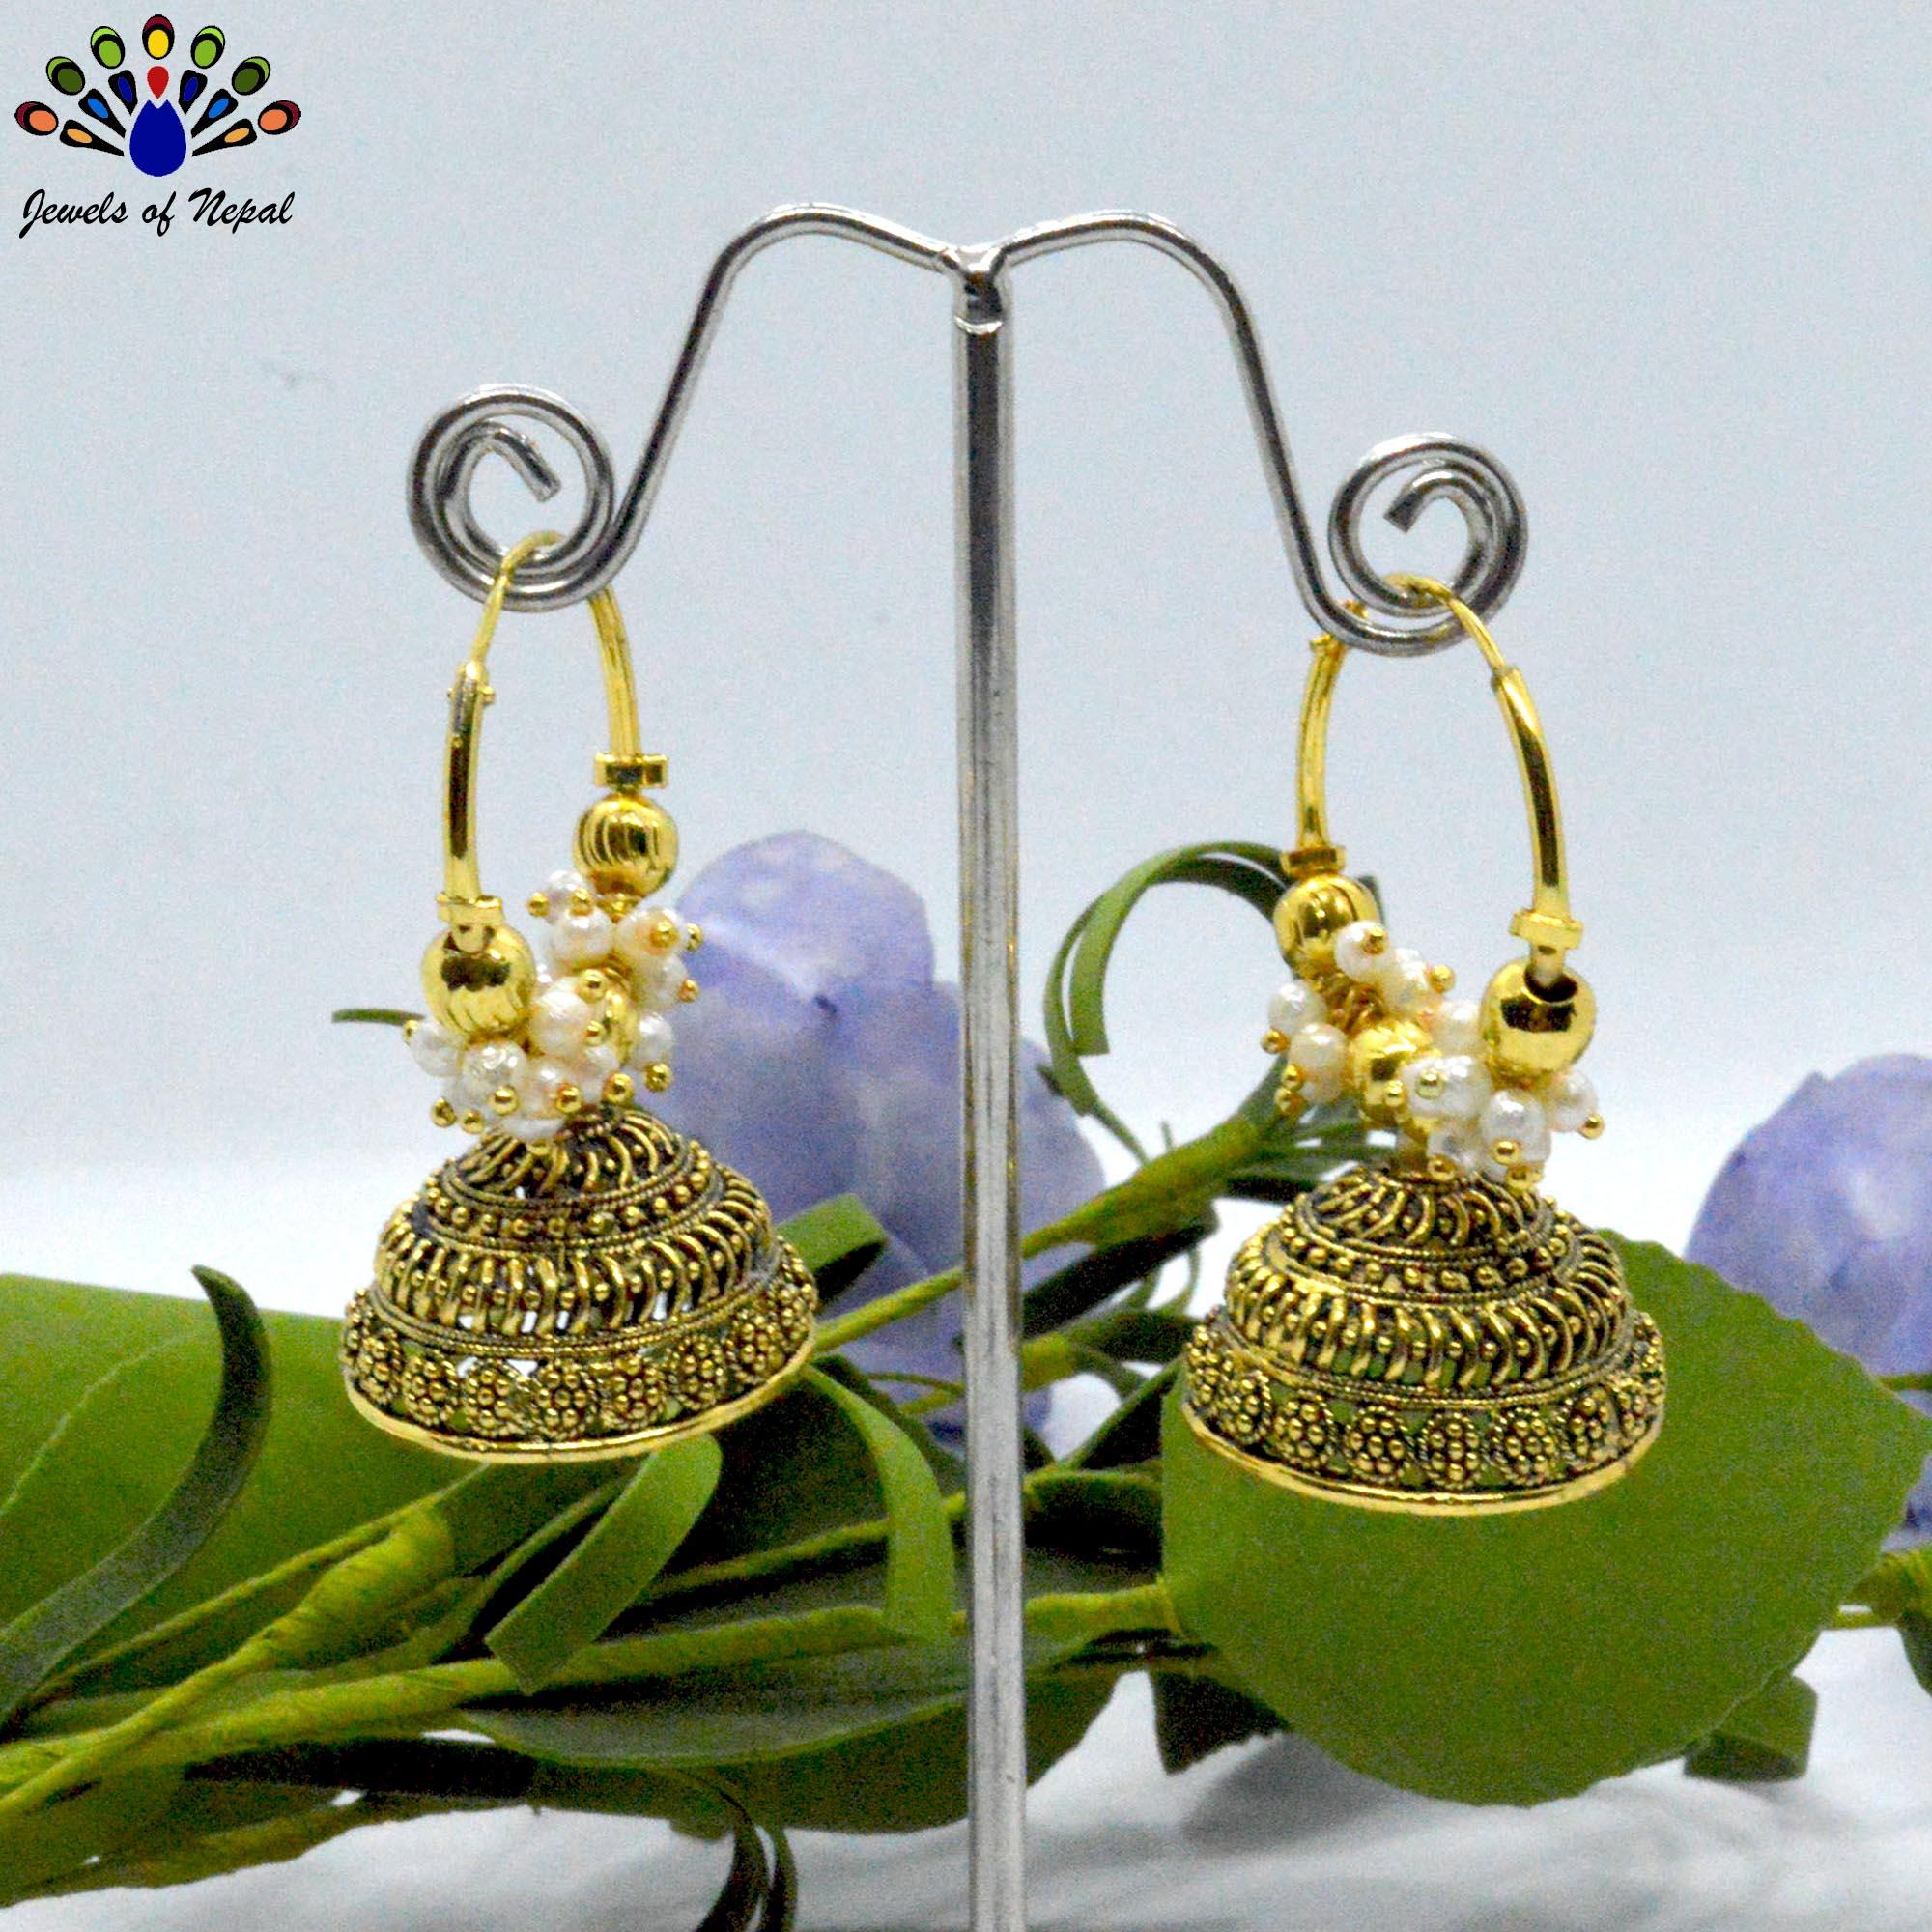 Golden/White Loop Pinjada Earrings